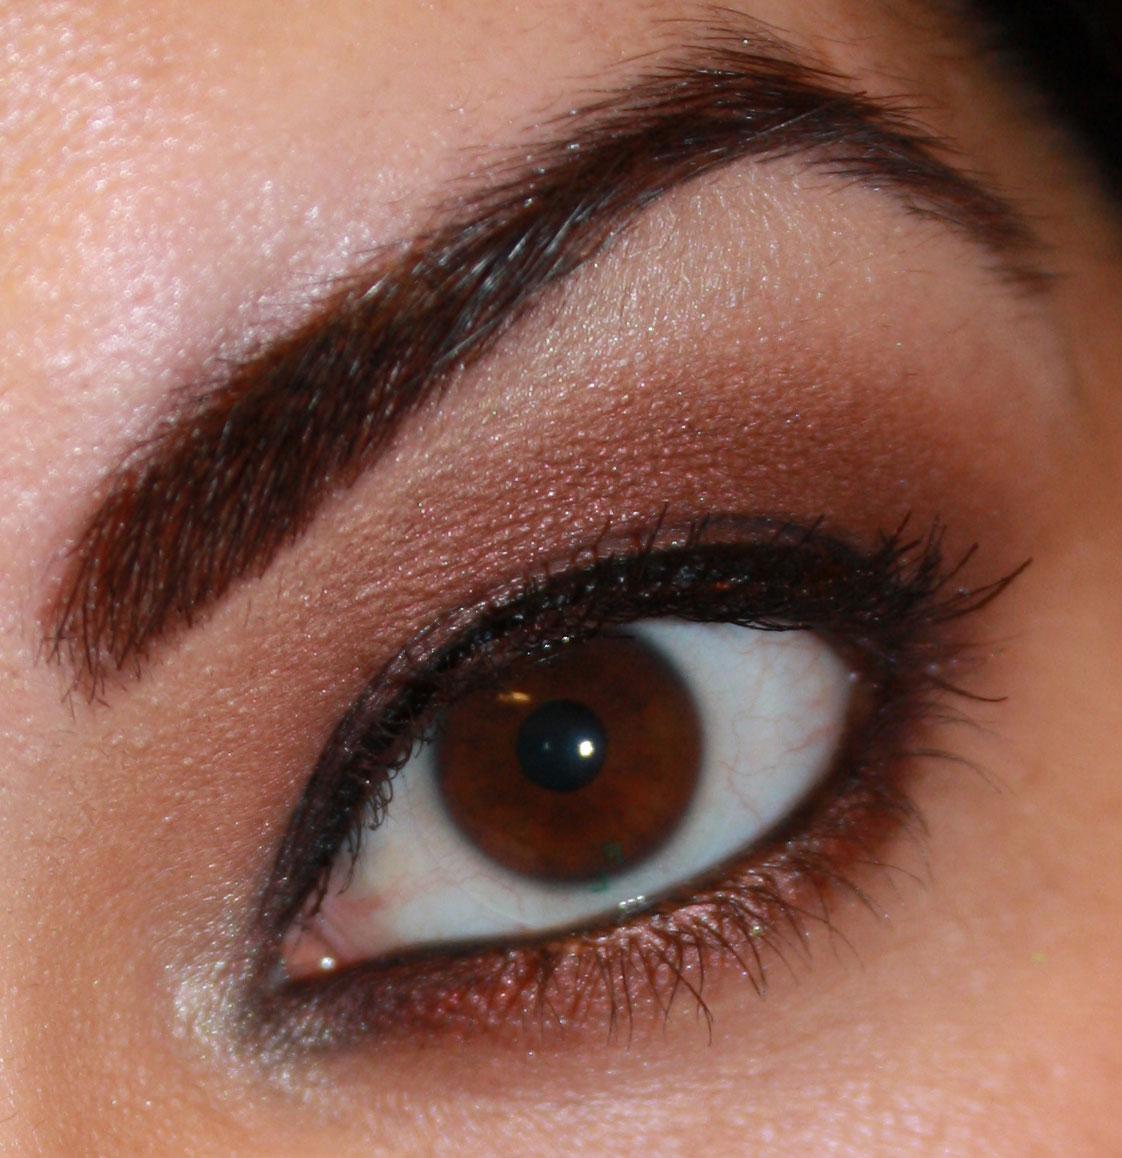 Makeup Geek Shadows (Part. 1) + Berry Crush Makeup Look